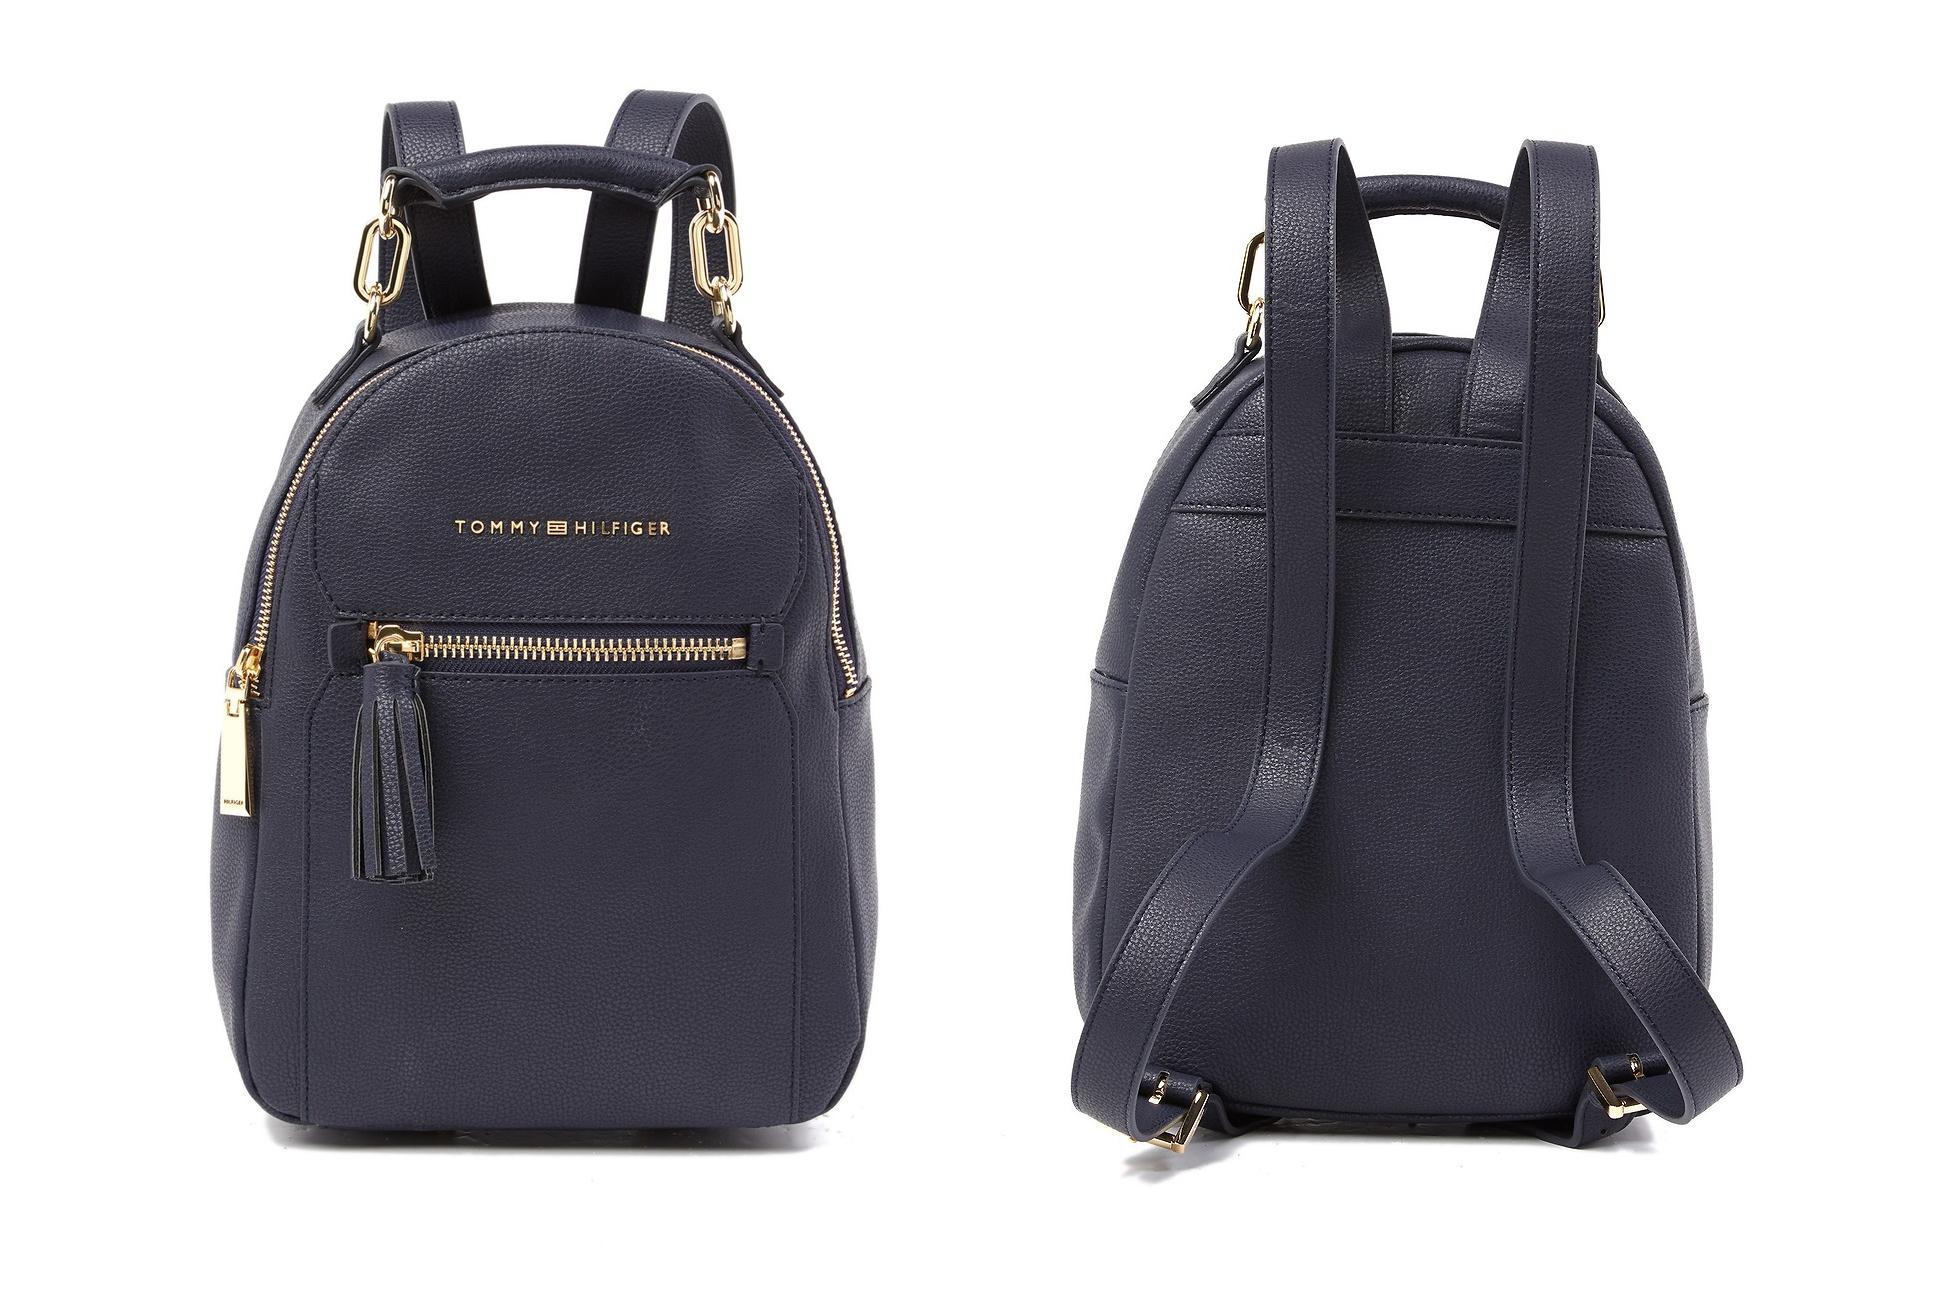 tommy-hilfiger-backpack.jpg